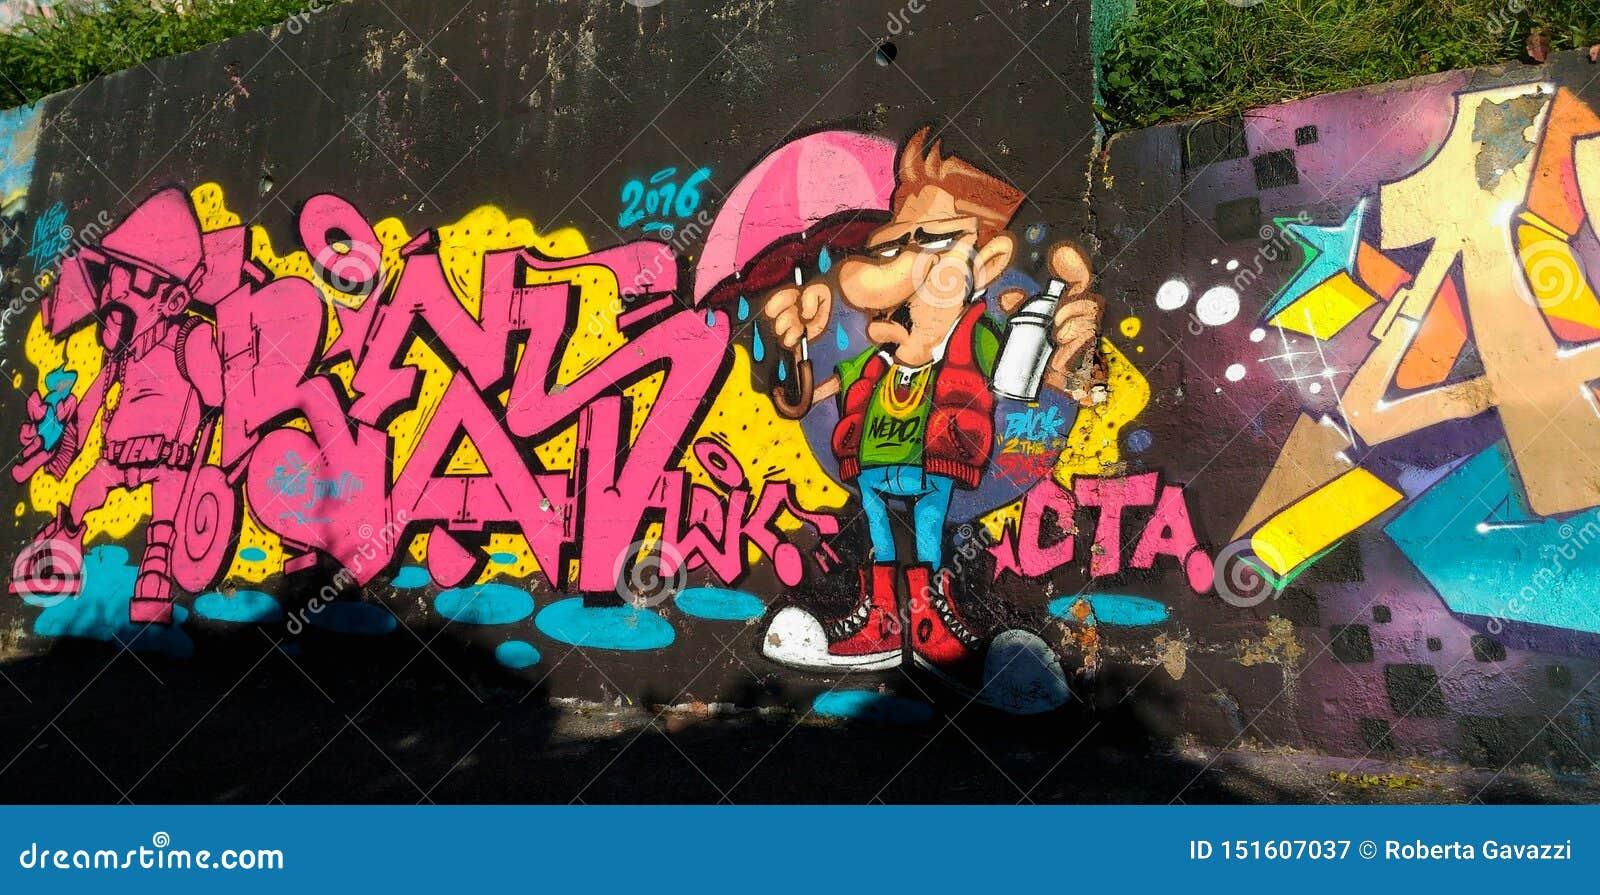 Graffiti Wall in Naples